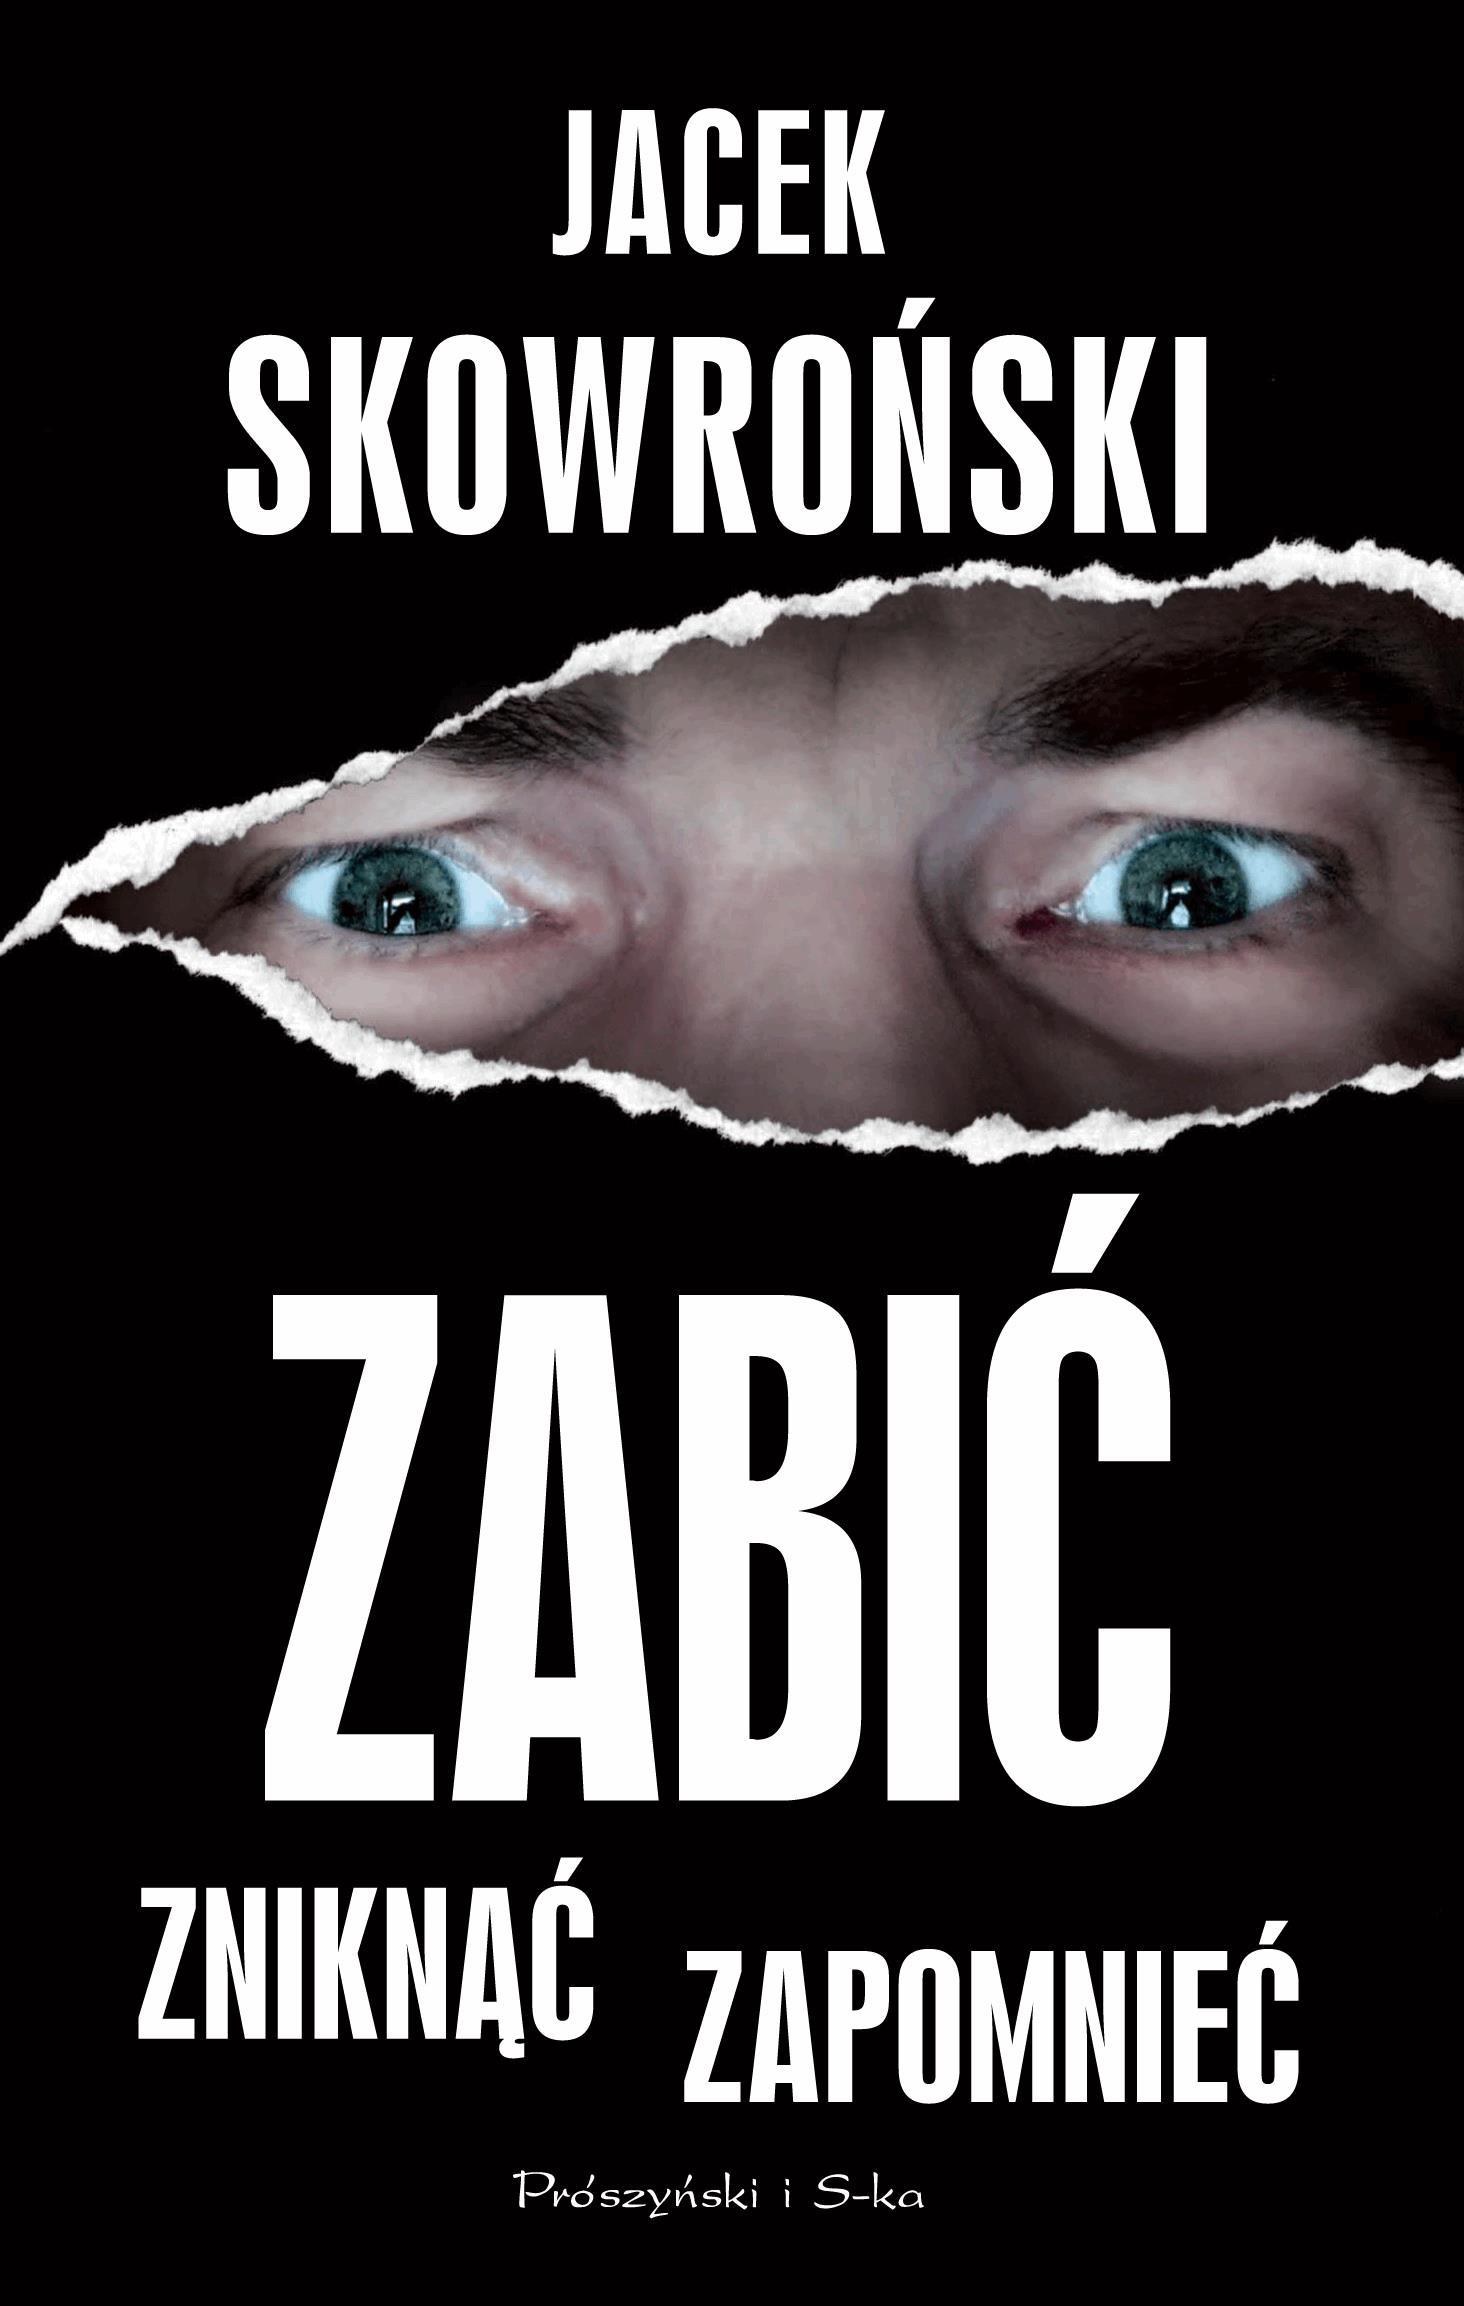 Zabić, zniknąć, zapomnieć - Tylko w Legimi możesz przeczytać ten tytuł przez 7 dni za darmo. - Jacek Skowroński